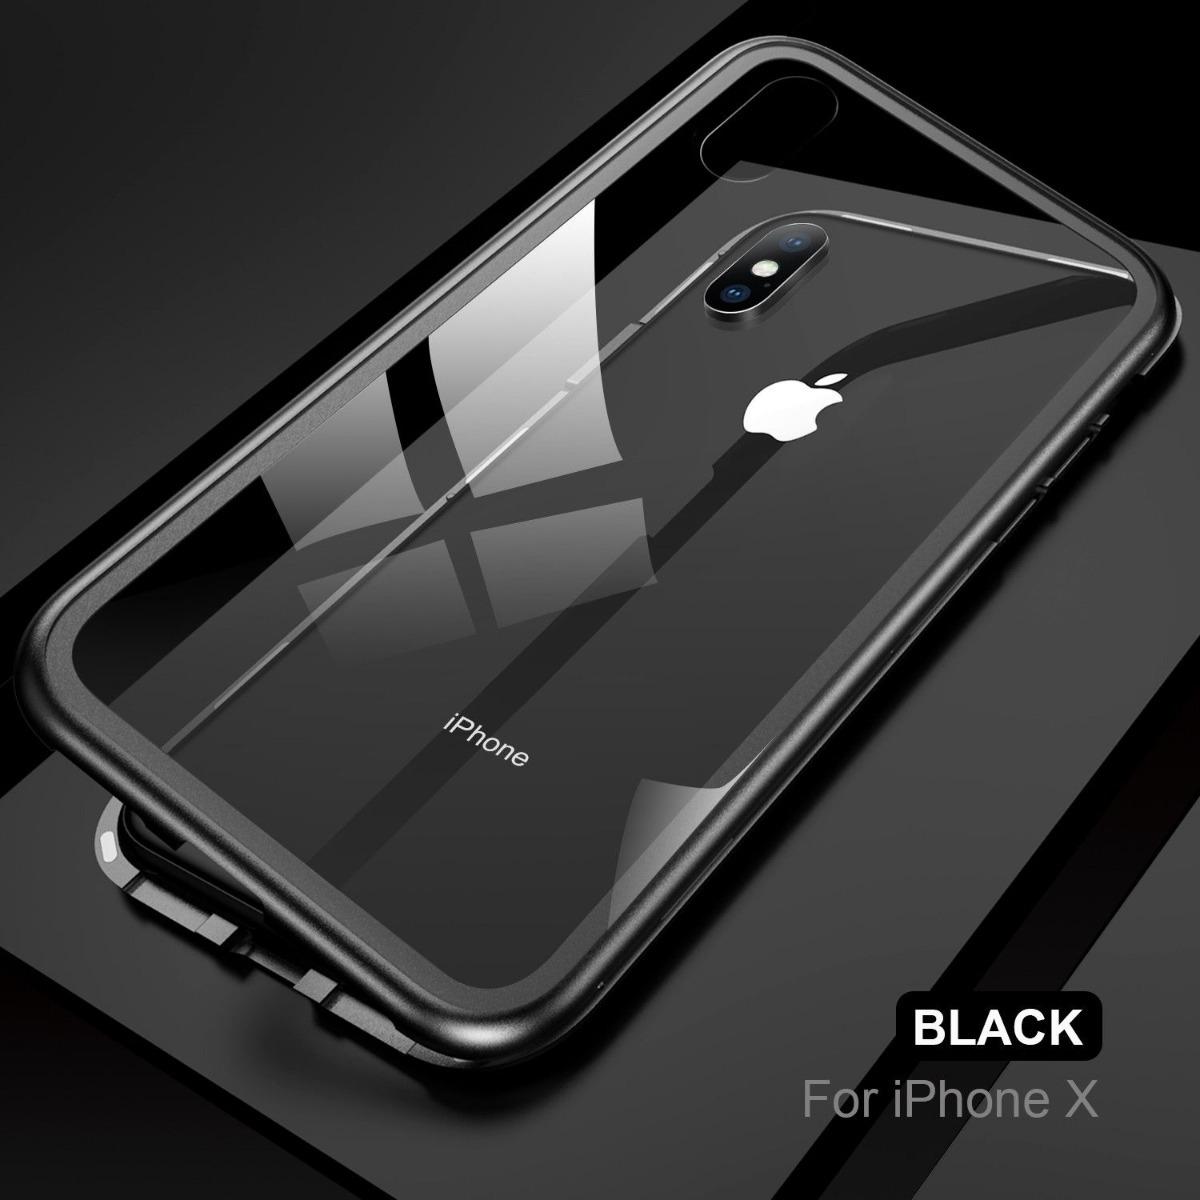 90145e5faa1 Funda Protector Magnetica Aluminio iPhone 6 7 8 Plus X Xs - $ 229.00 ...